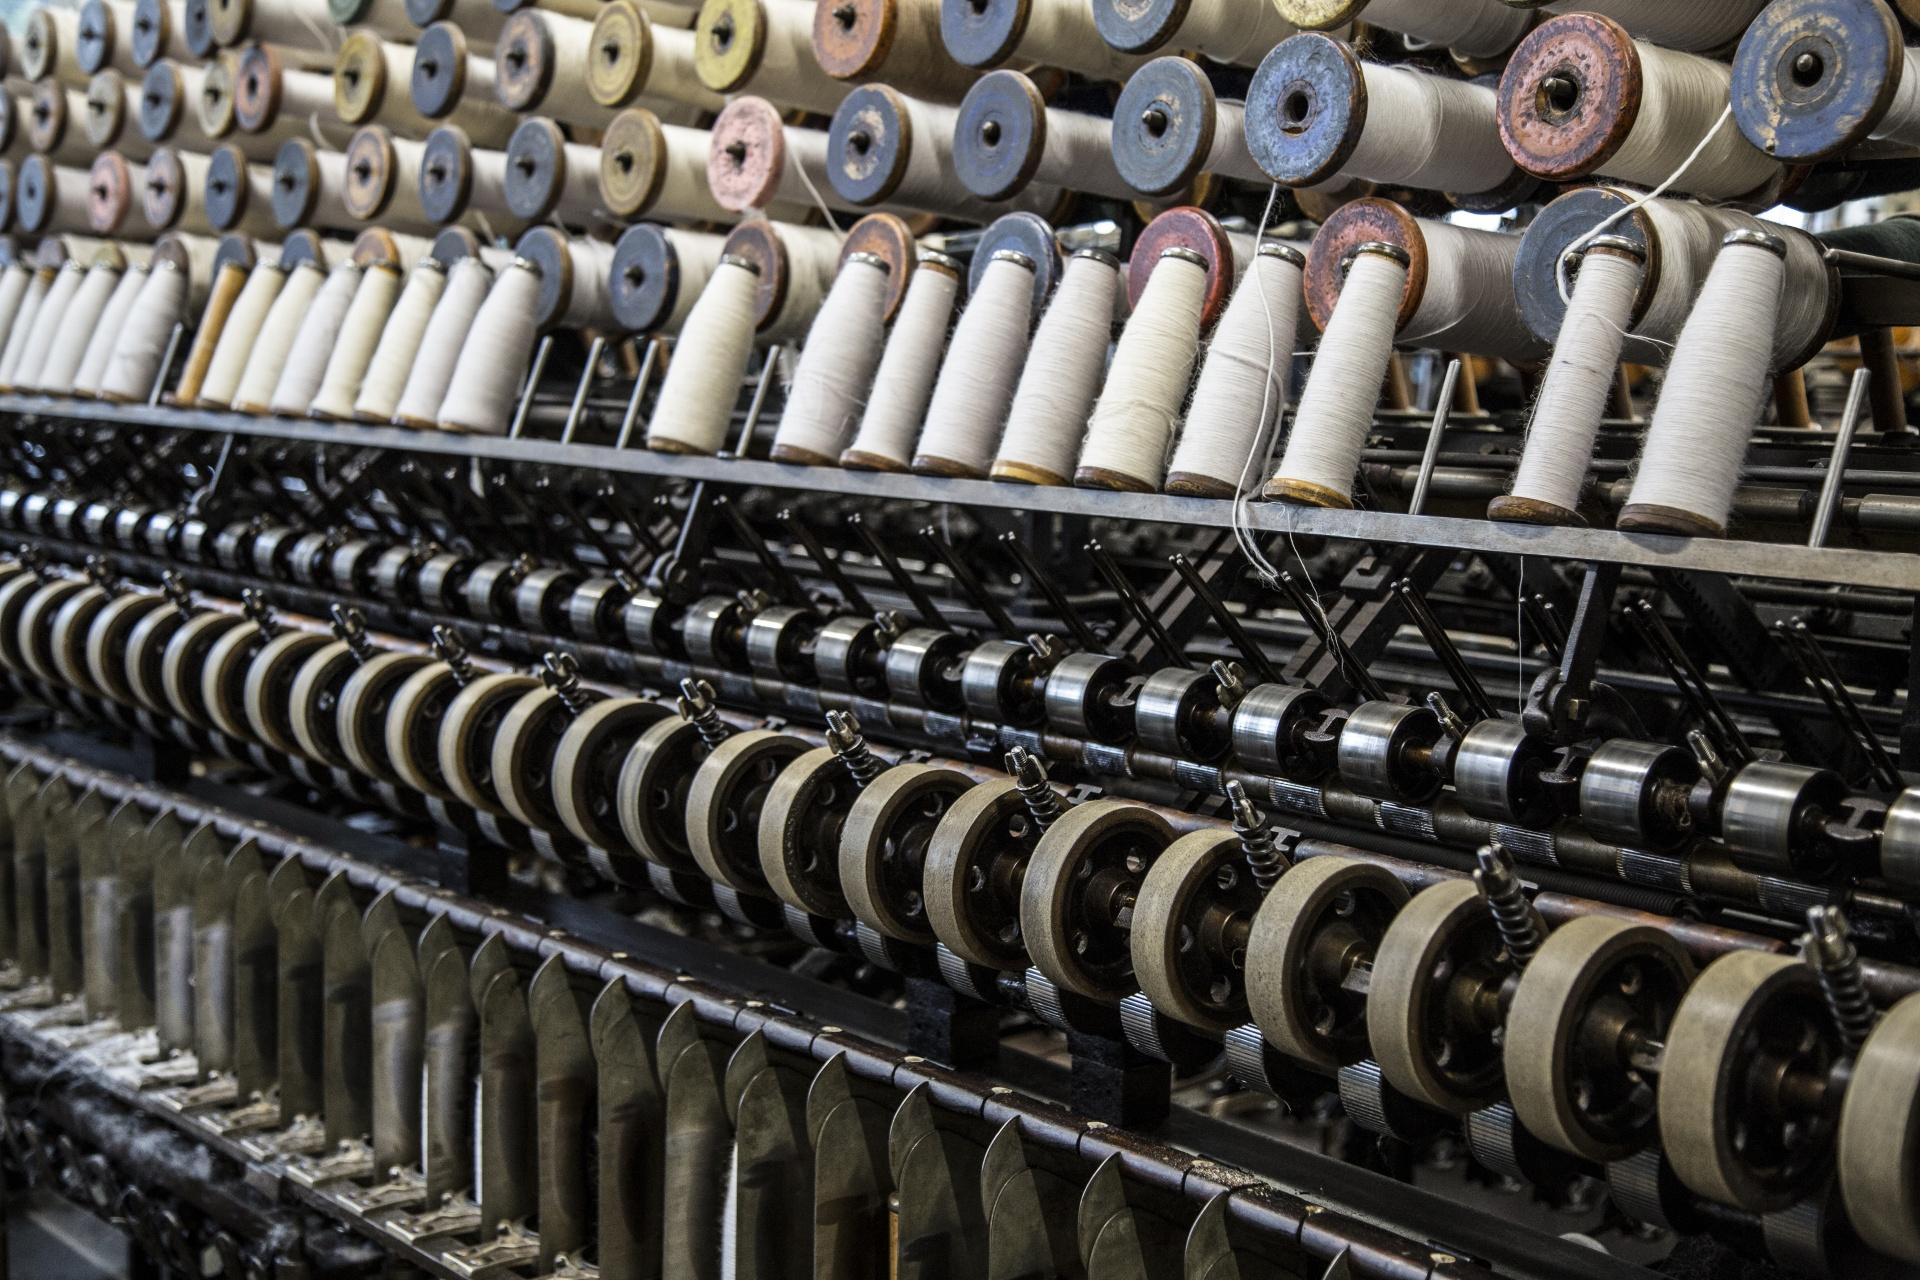 Preparação de matéria-prima para máquinas de mistura e repenteação